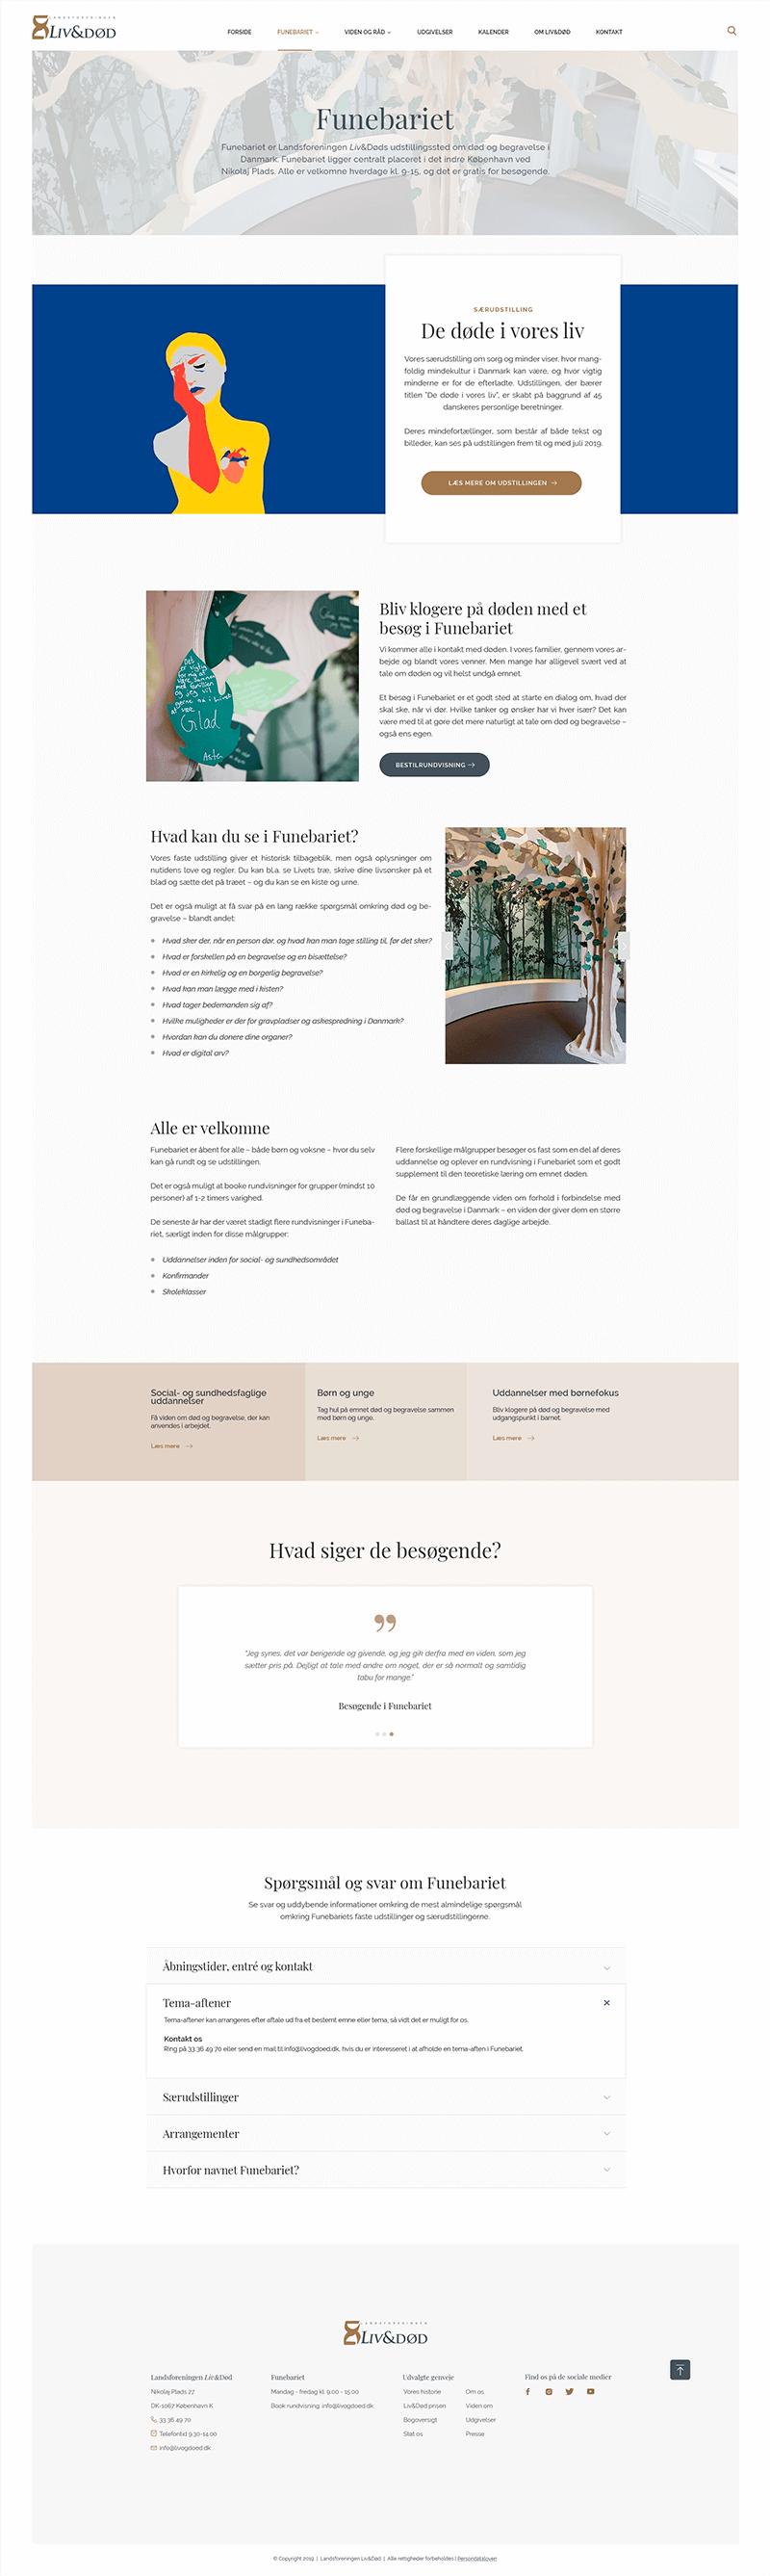 Webdesign til Landsforeningen Liv&Døds udstilling i Funebariet